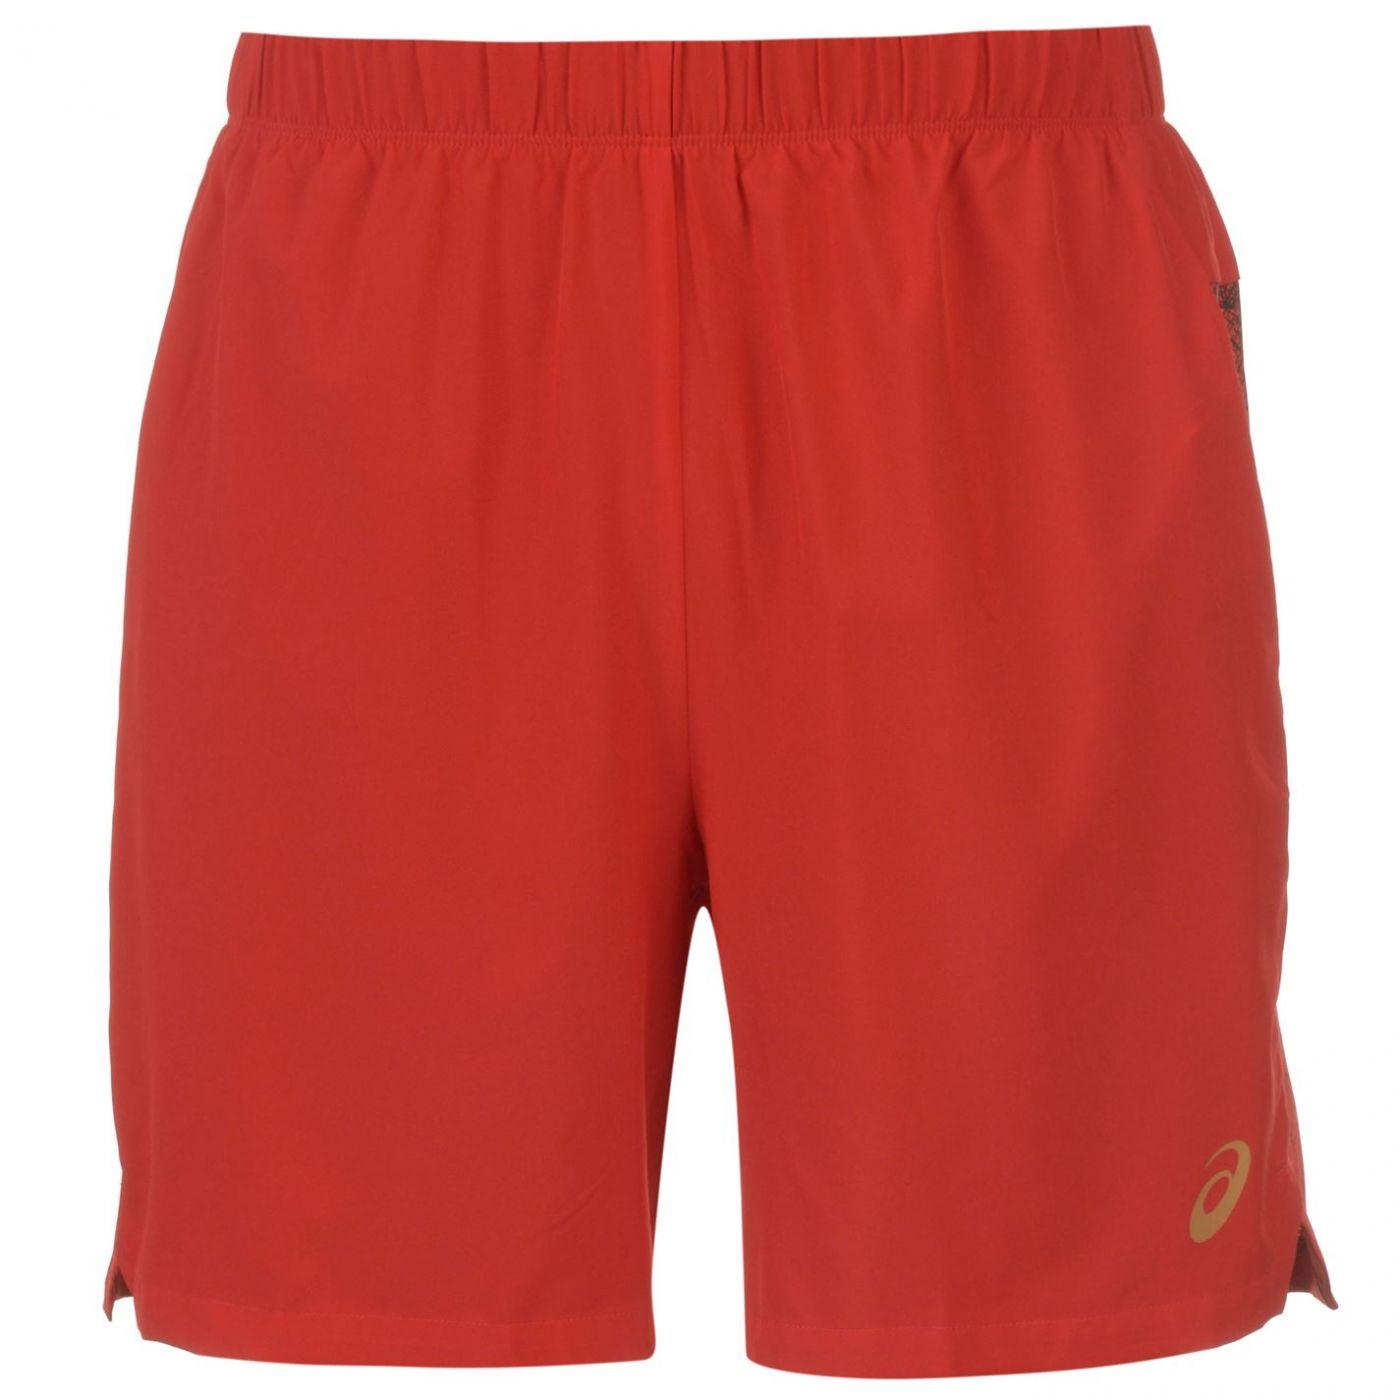 Asics 2-in-1 Running Shorts Mens